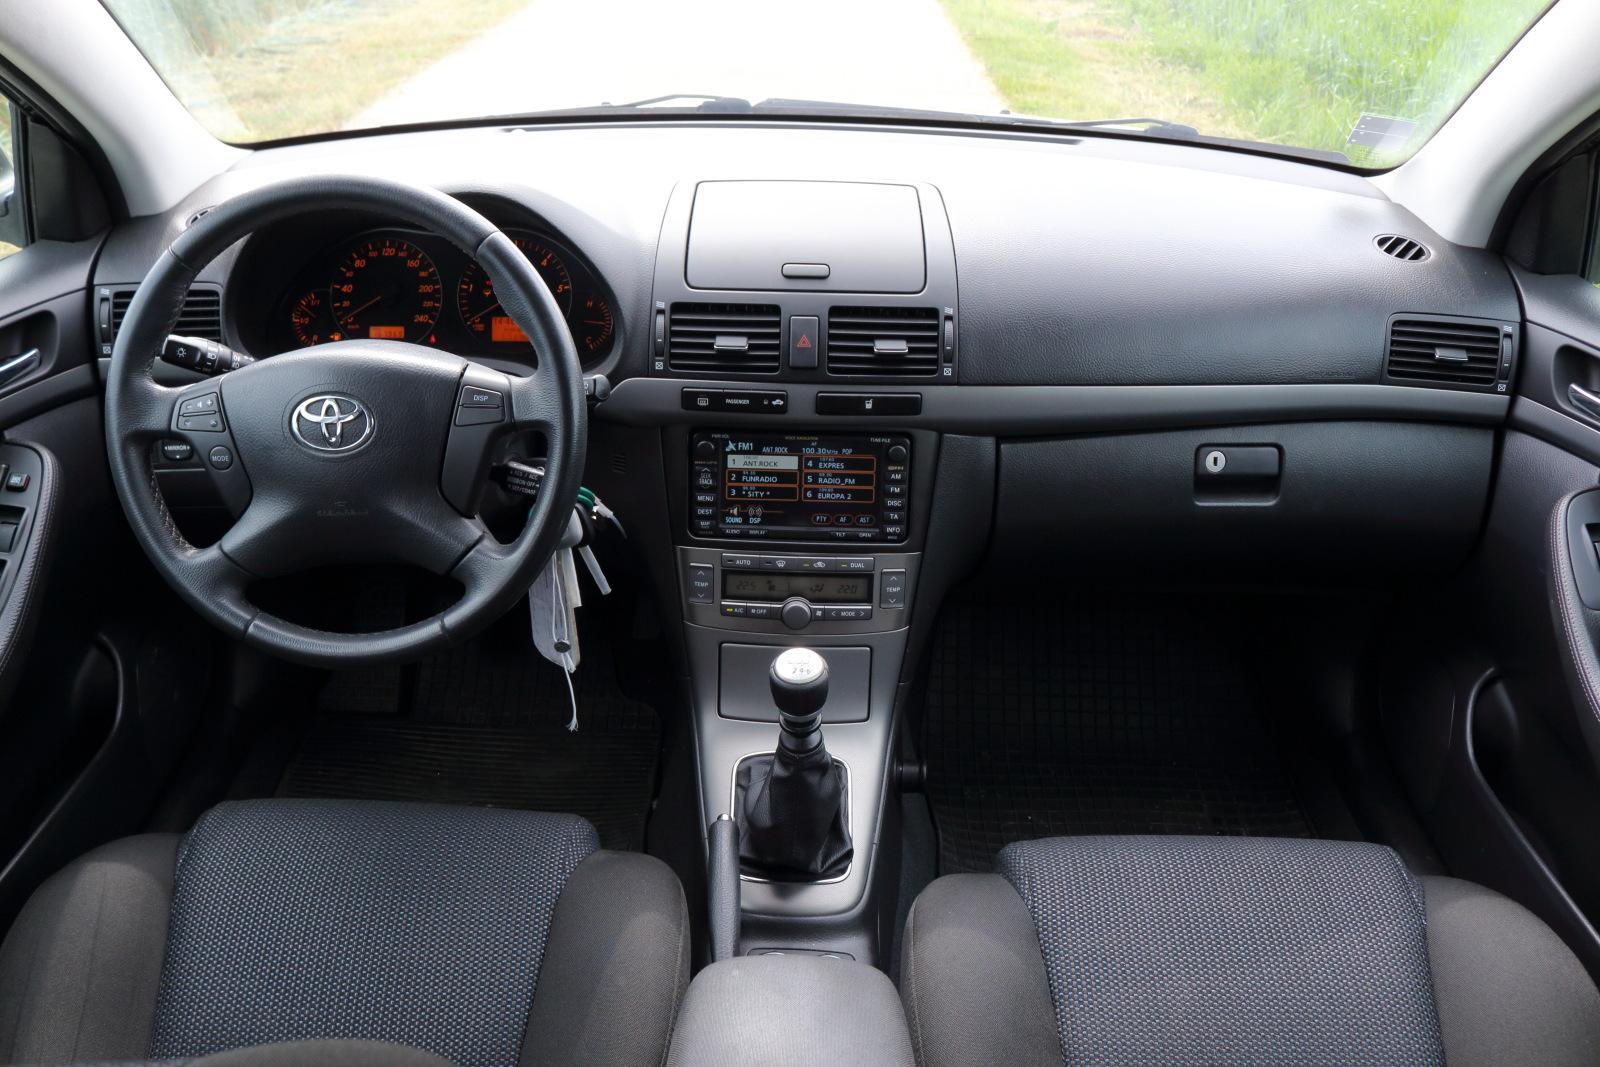 Test jazdenky Toyota Avensis